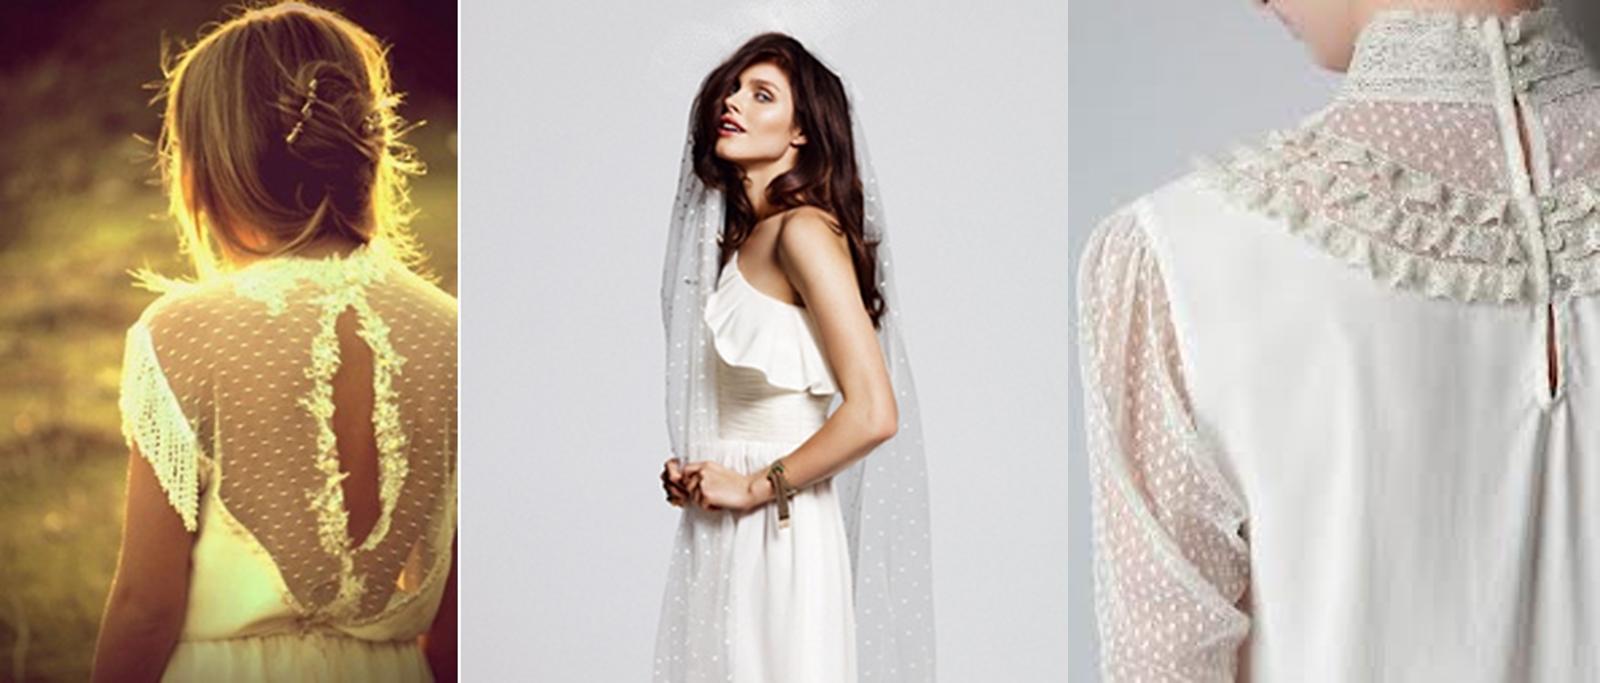 Plumetti en vestidos de novia